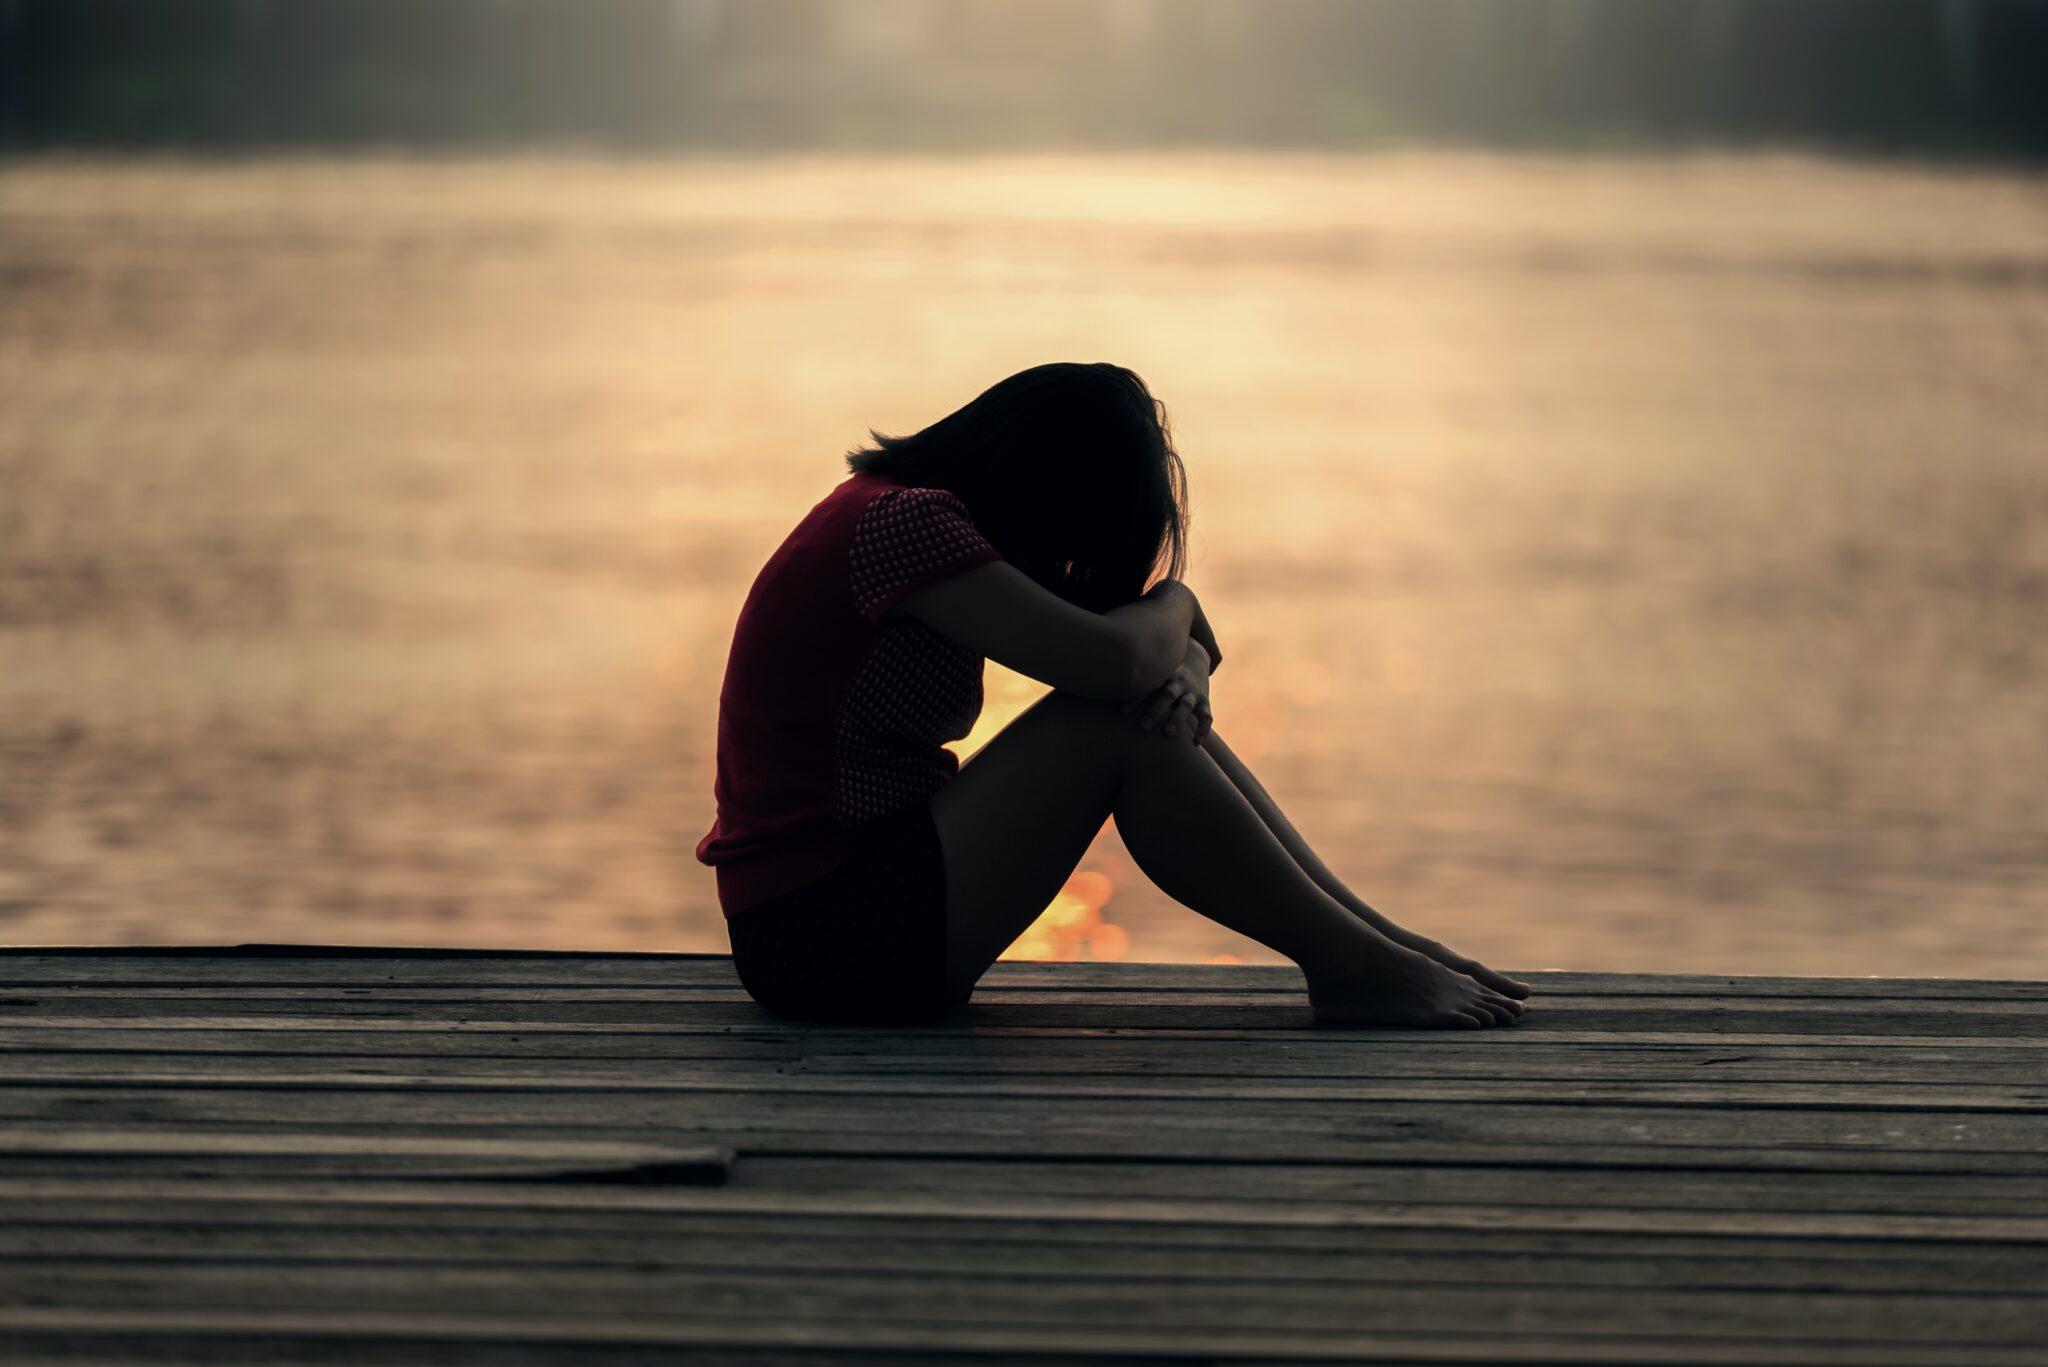 Przemoc wobec kobiet - Mity - Avon Alert